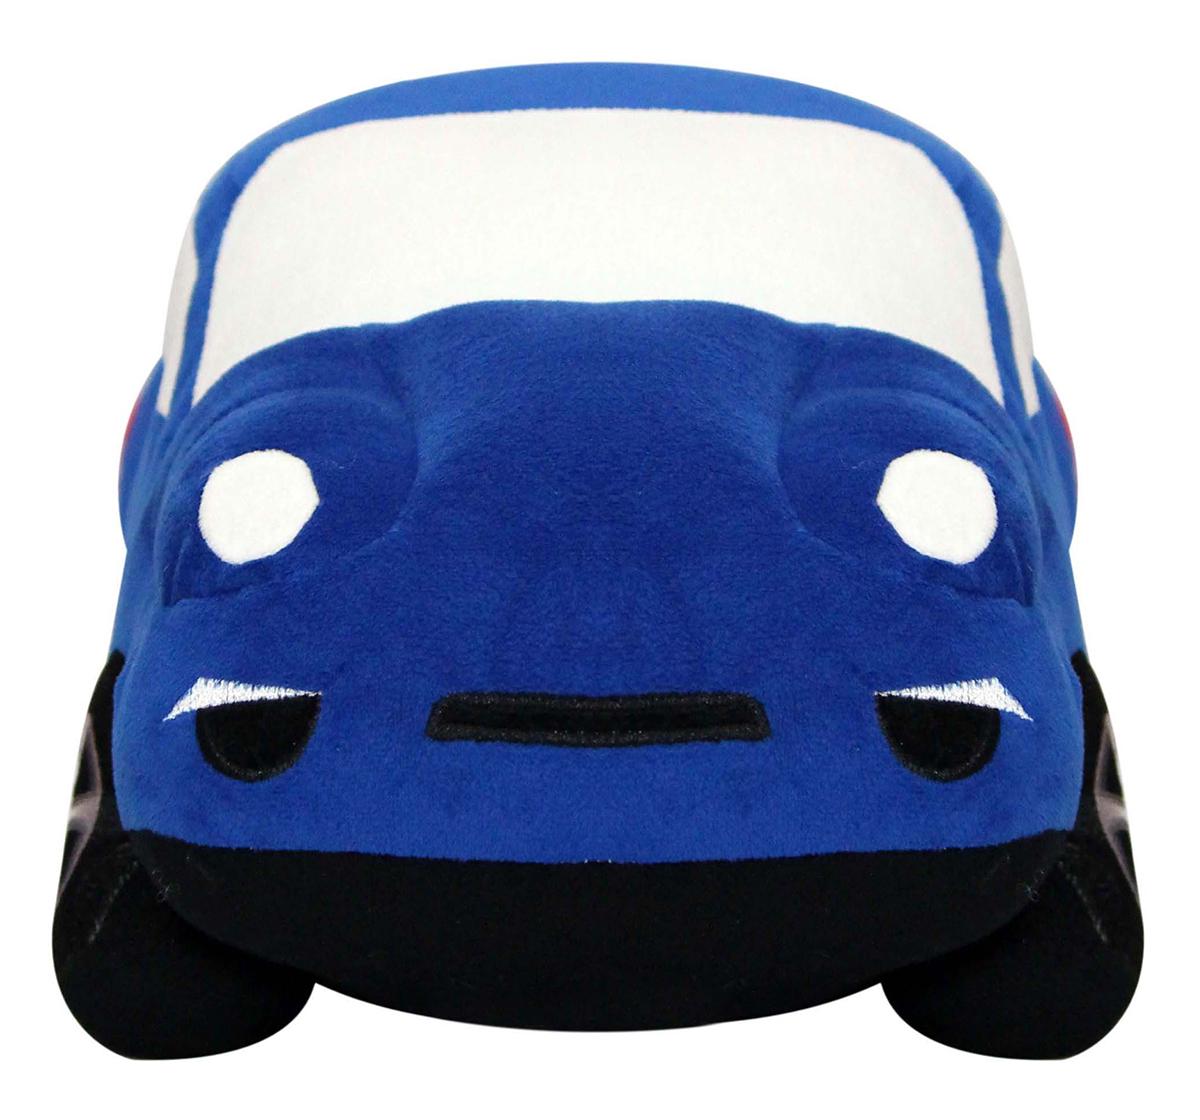 Soft Buddies | Soft Buddies Blue Car Soft Toy, Unisex, 3Y+ (Blue)